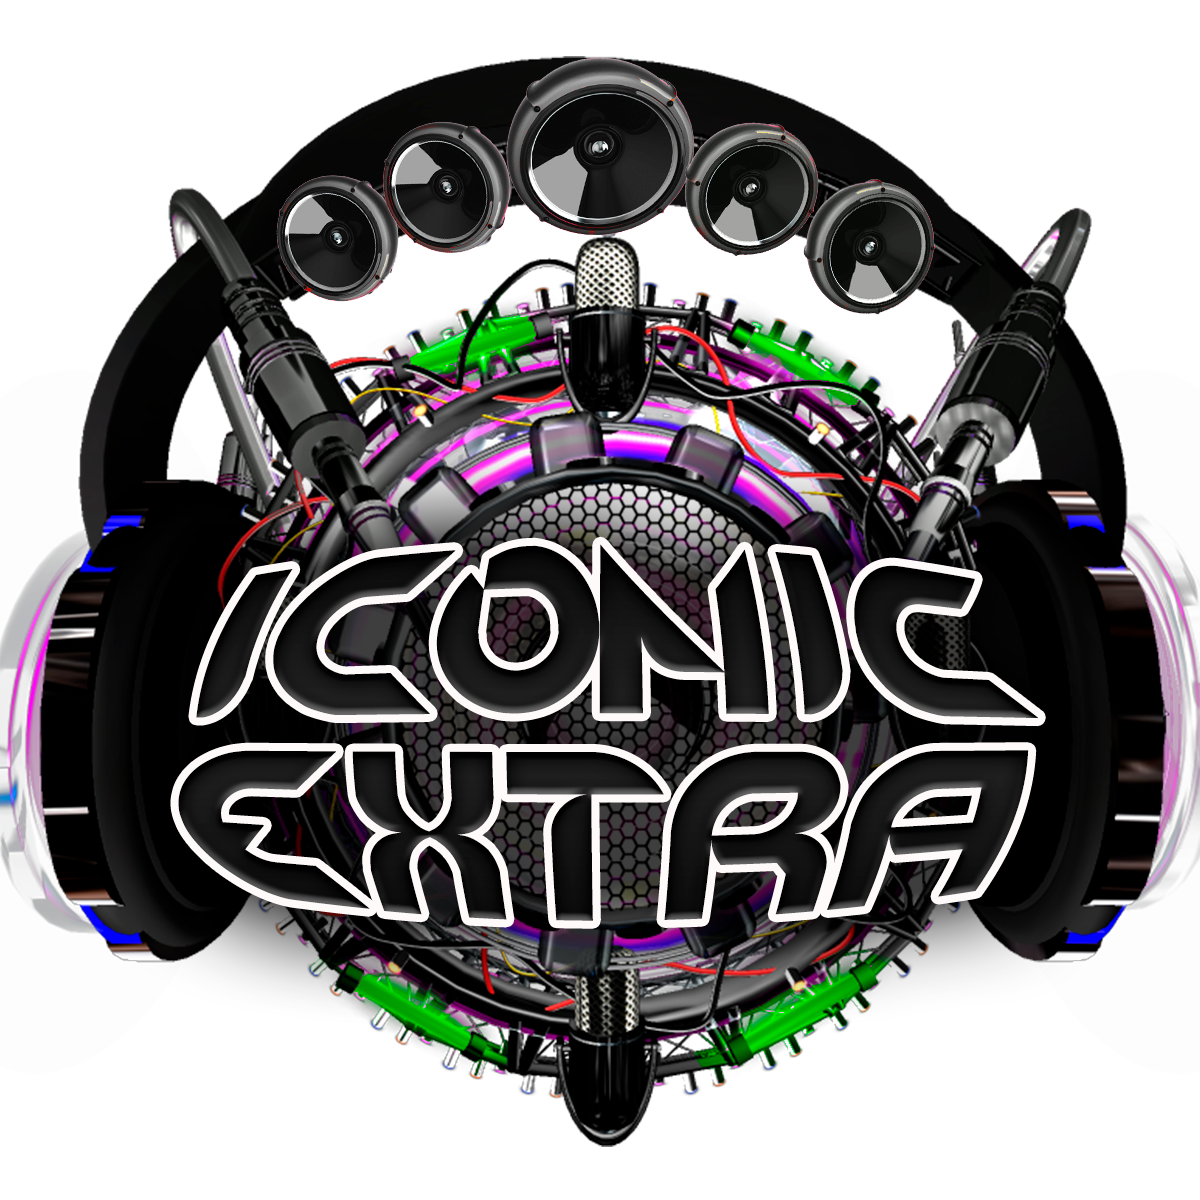 ICONIC EXTRA